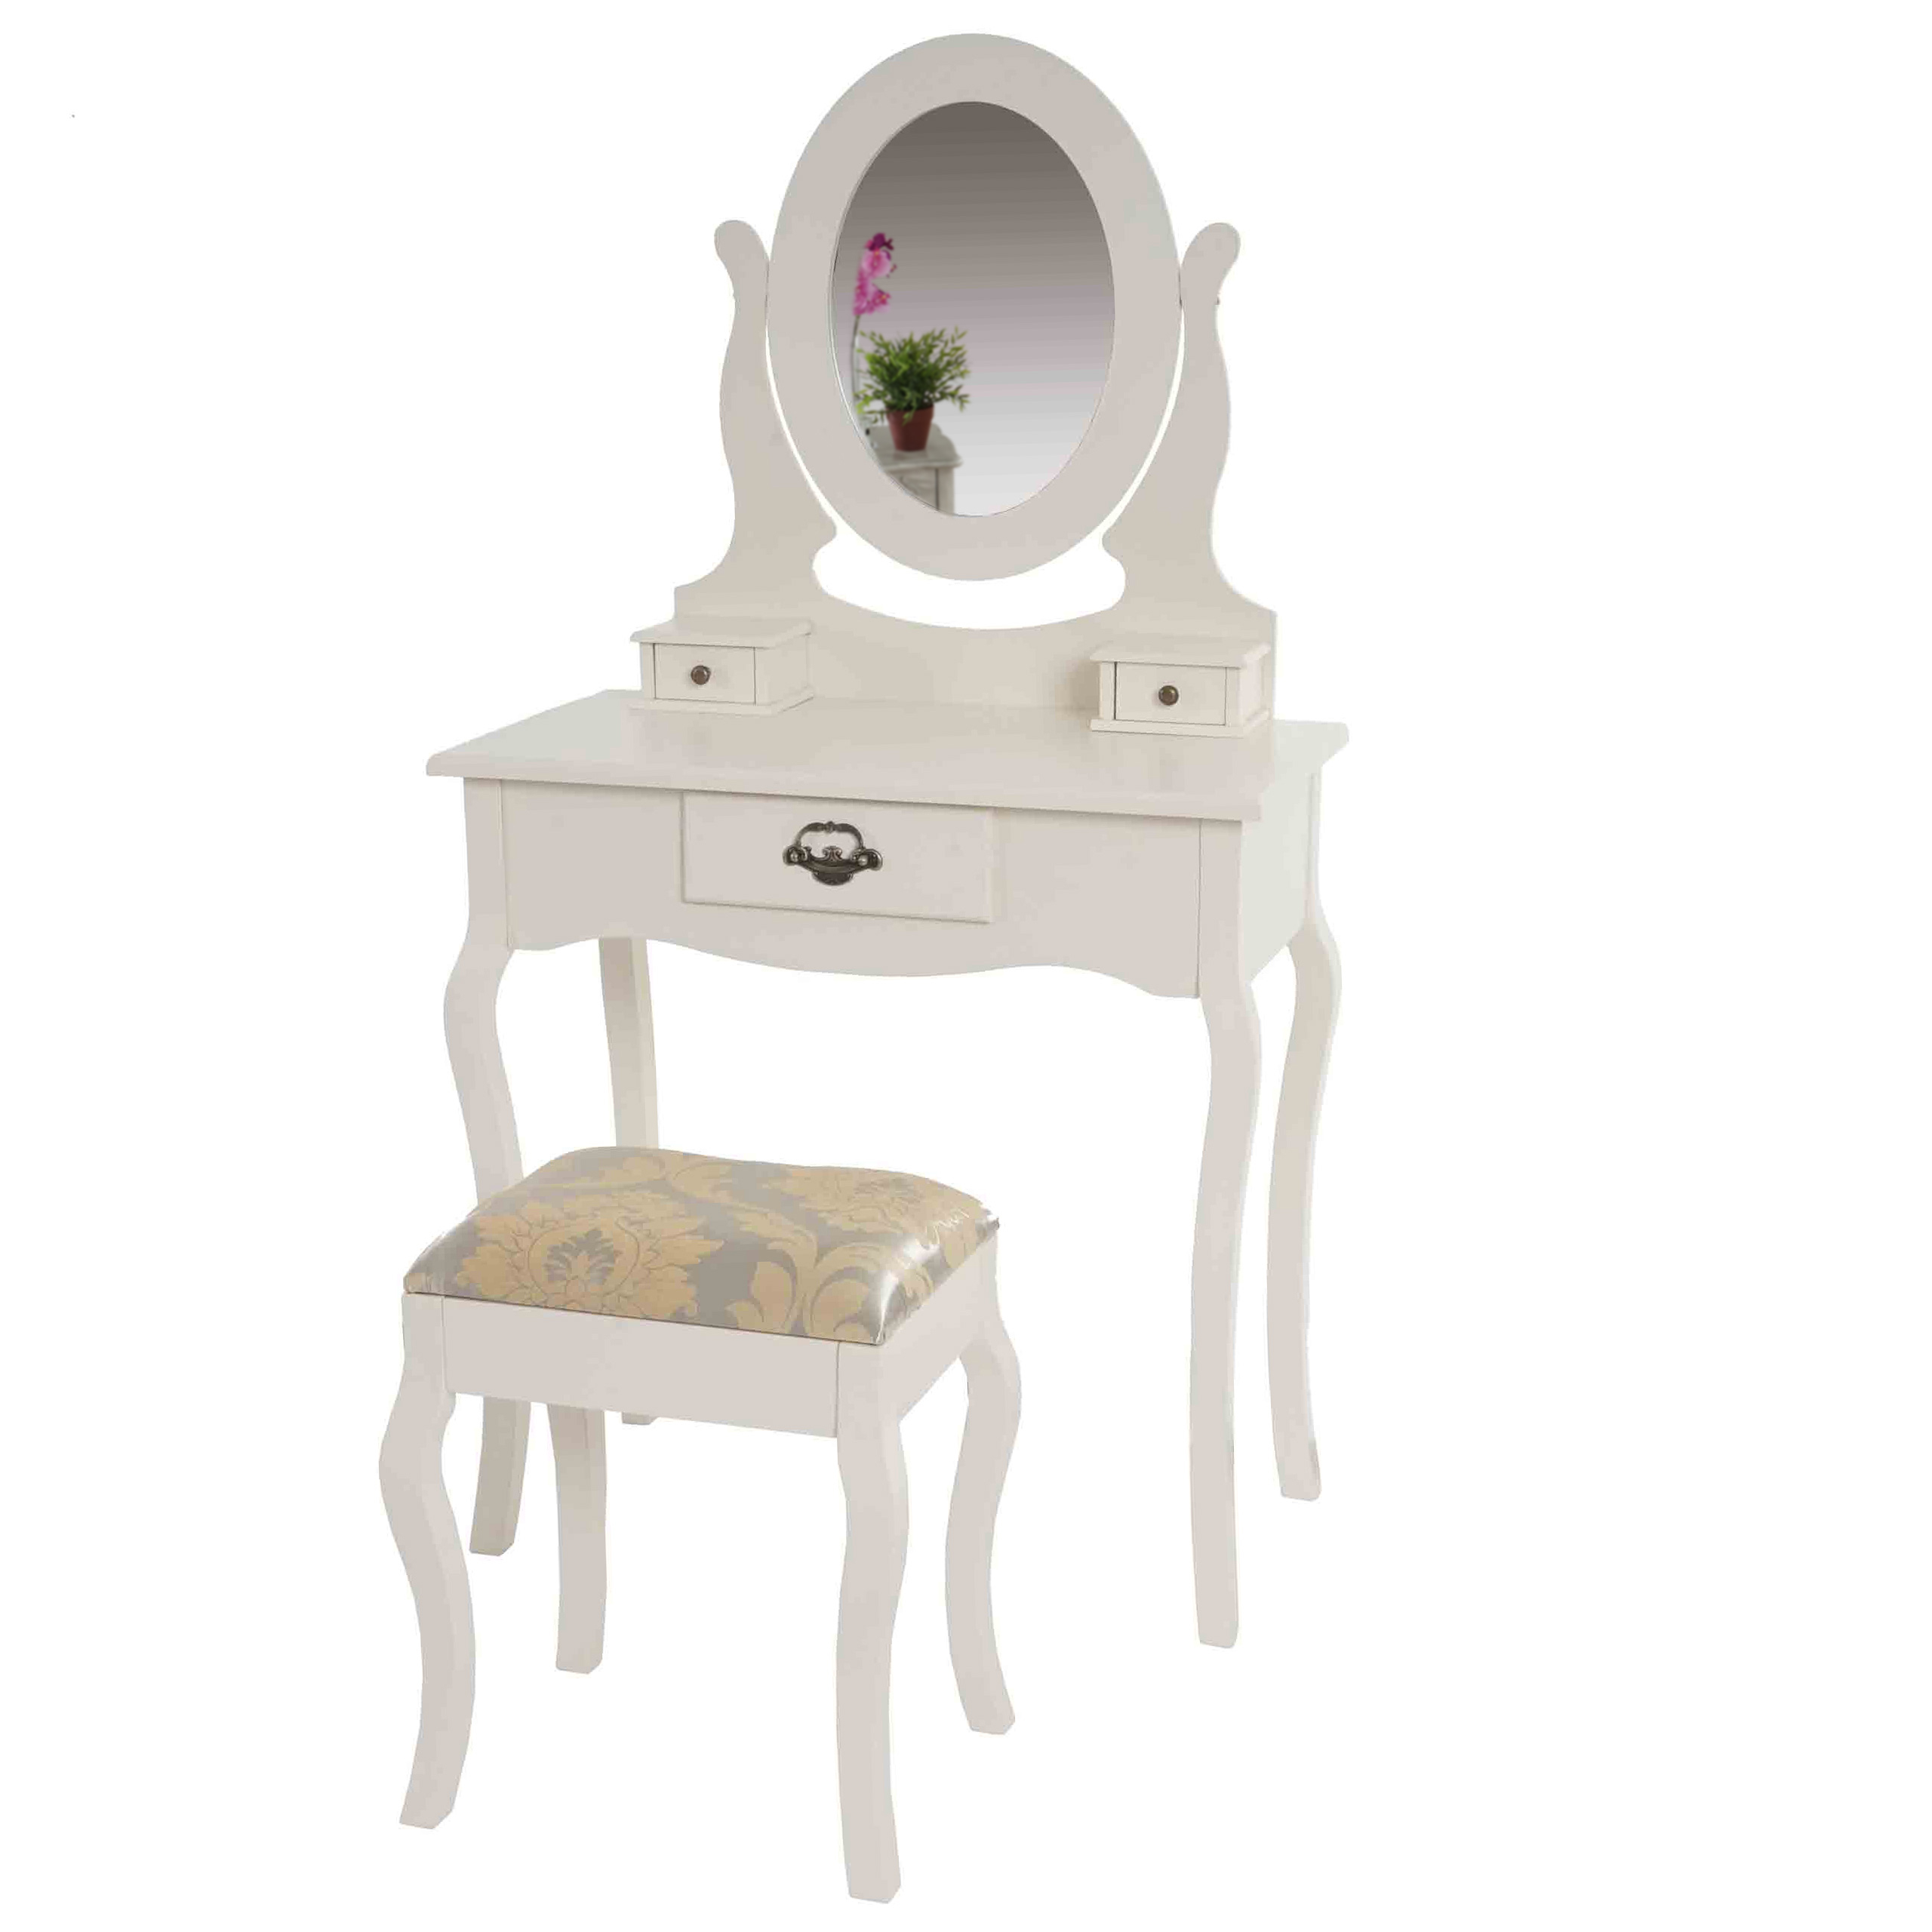 schminktisch valence h433 frisiertisch mit hocker barock antik creme 4057651083742 ebay. Black Bedroom Furniture Sets. Home Design Ideas